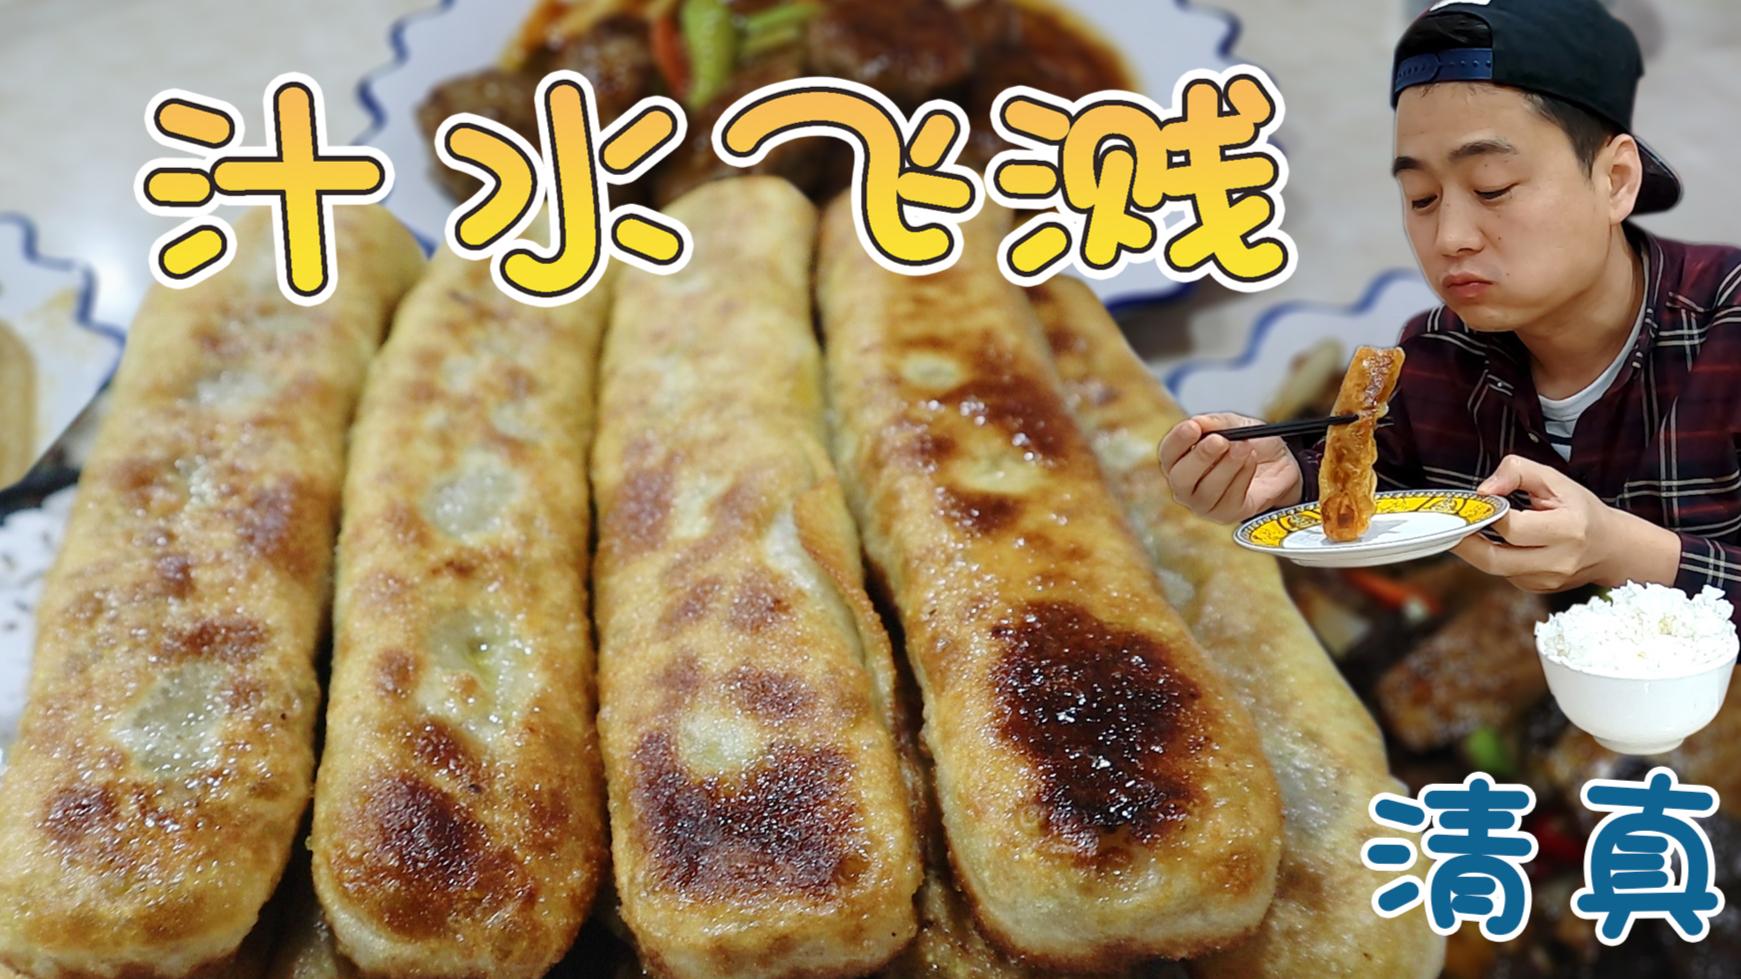 哈尔滨著名清真老饭馆,89年卖这个神奇小吃,咬一口往外喷汁